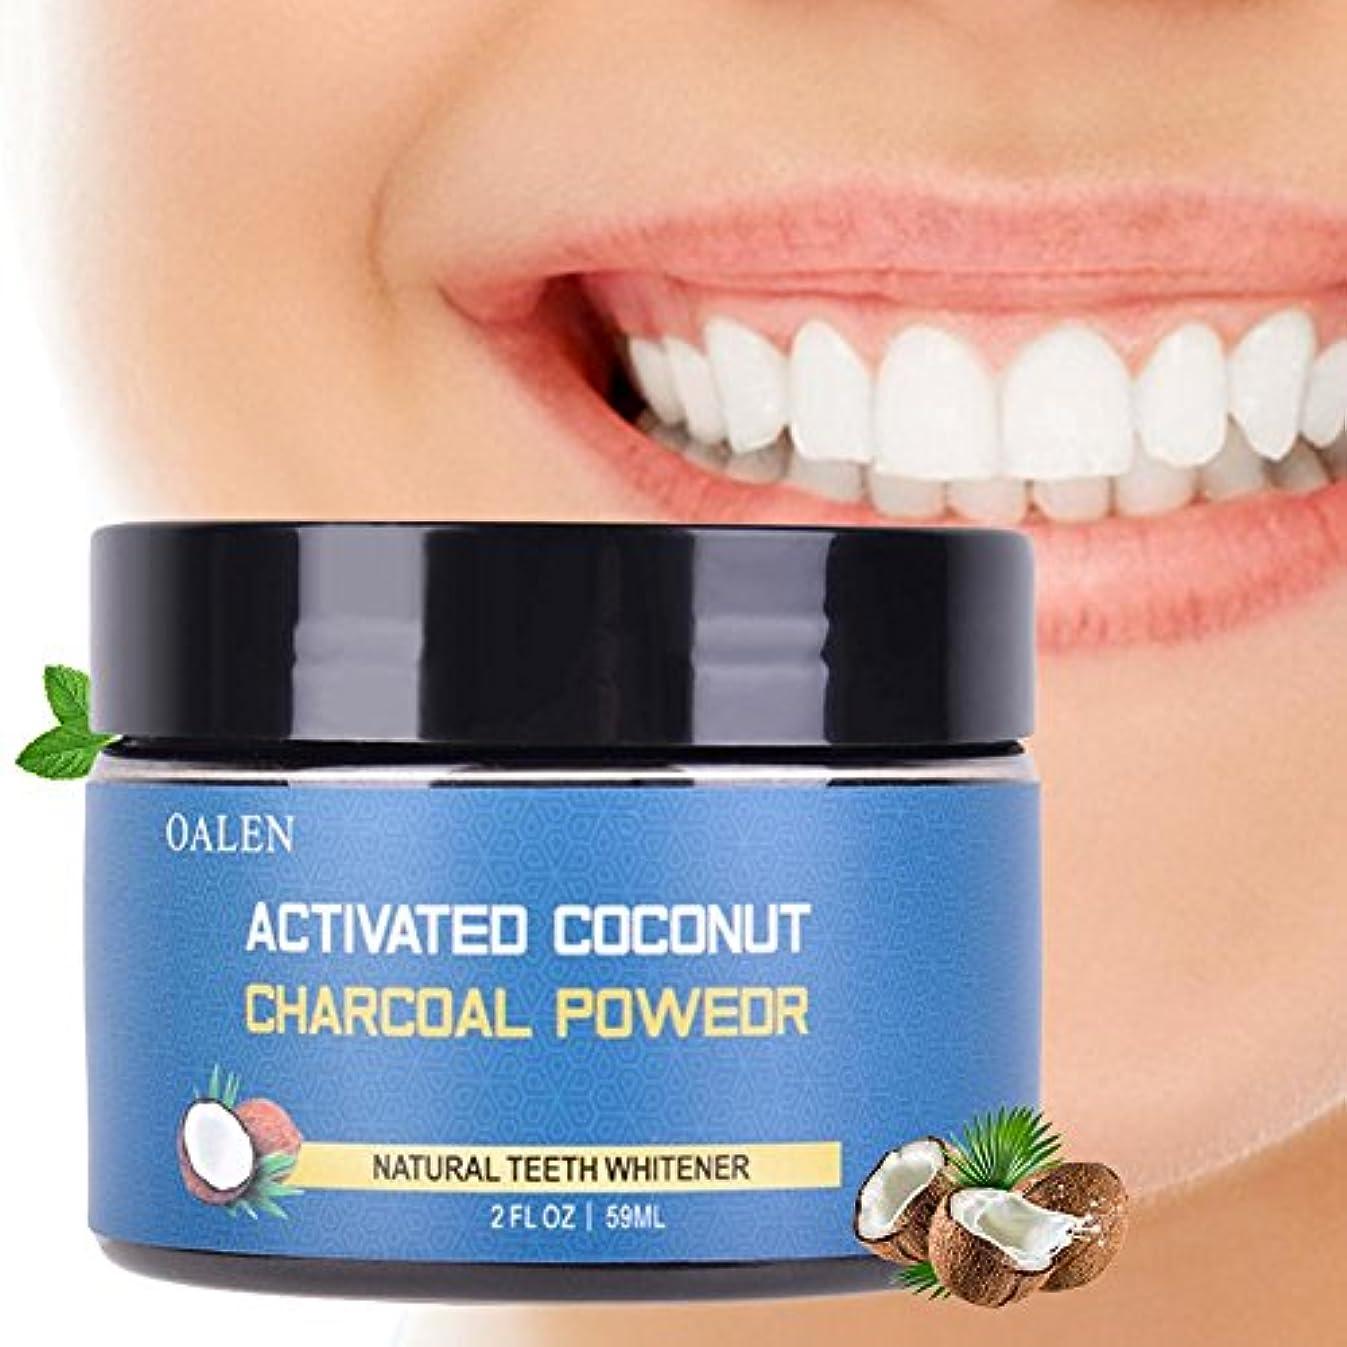 寛大な原油ひいきにするSILUN 歯磨き粉 ニングパウダー有機 ココナッツ殻活性炭組成デンタルステイン除去 歯美白自然 口腔ケア